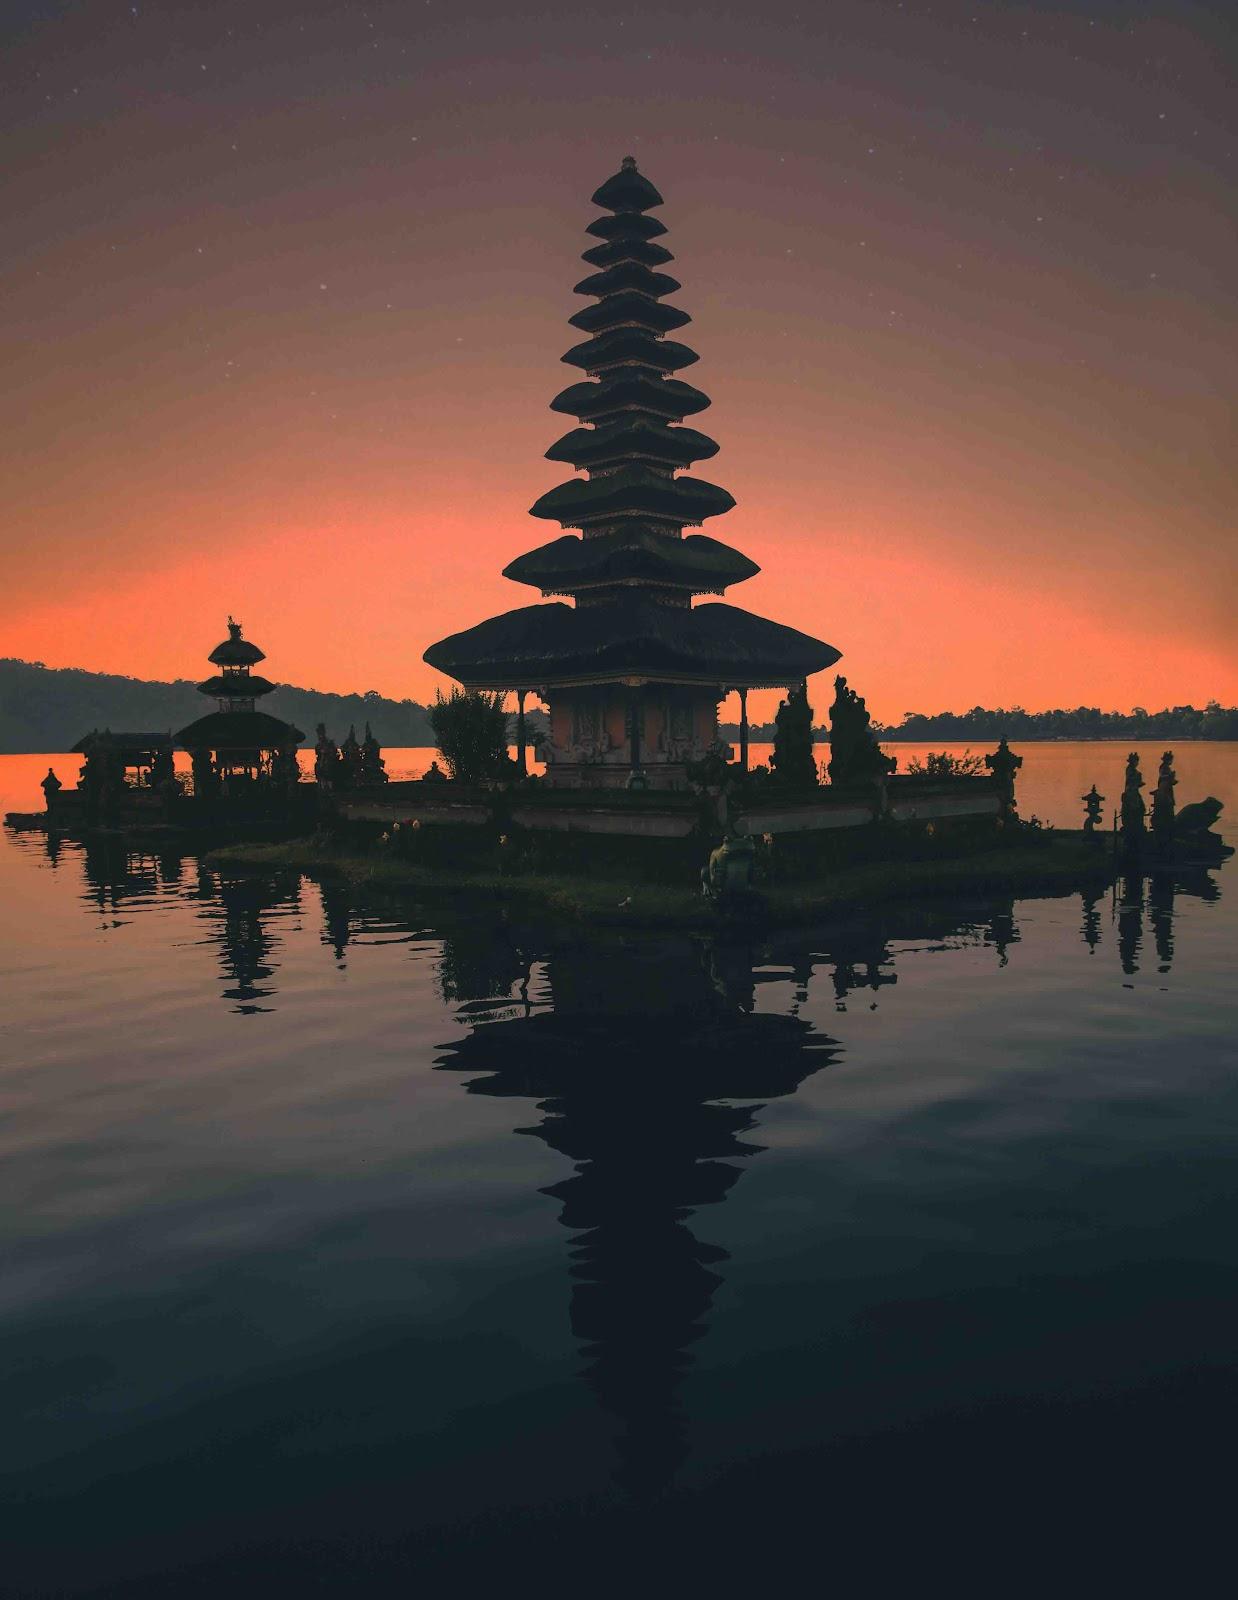 Nyepi or silence day in Bali